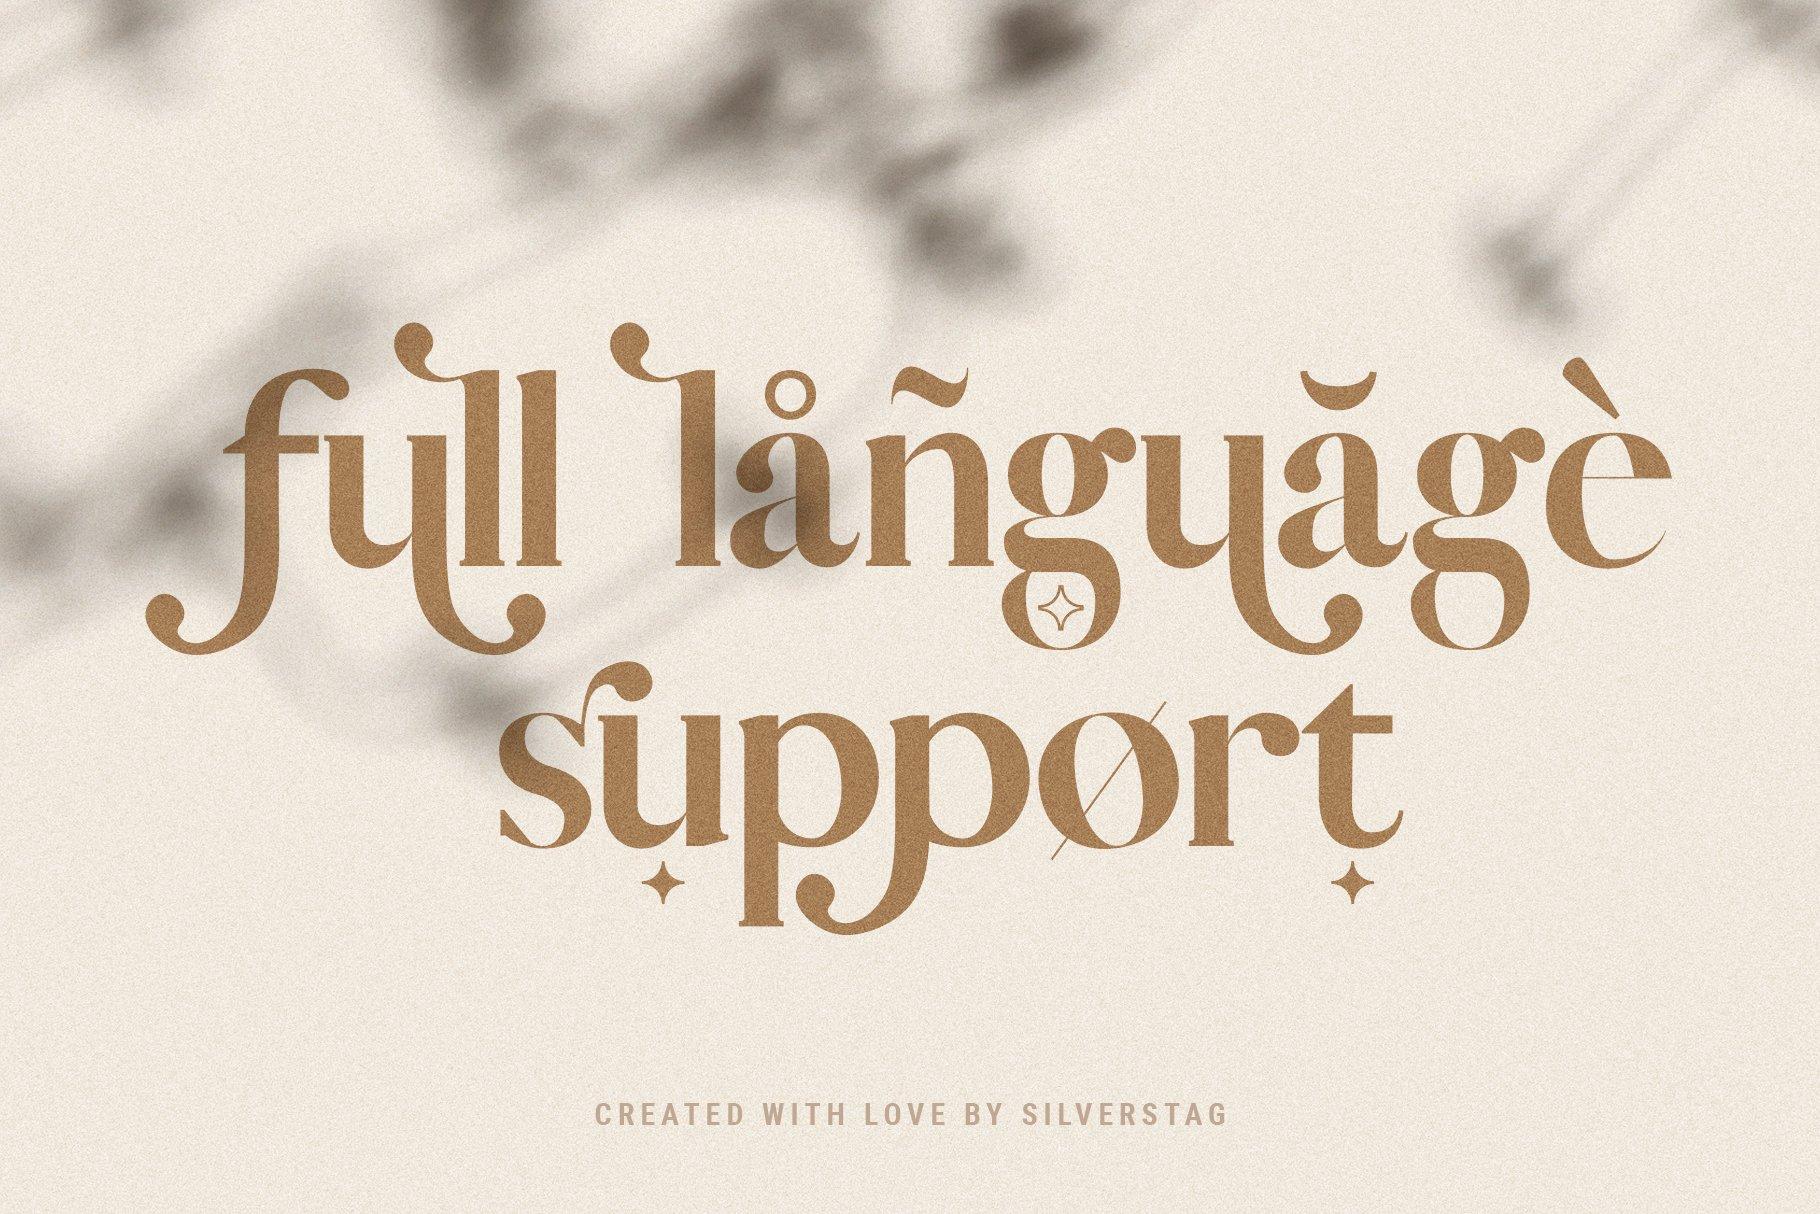 Vicky Christina - Chic & Stylish Ligature Serif Font example image 17